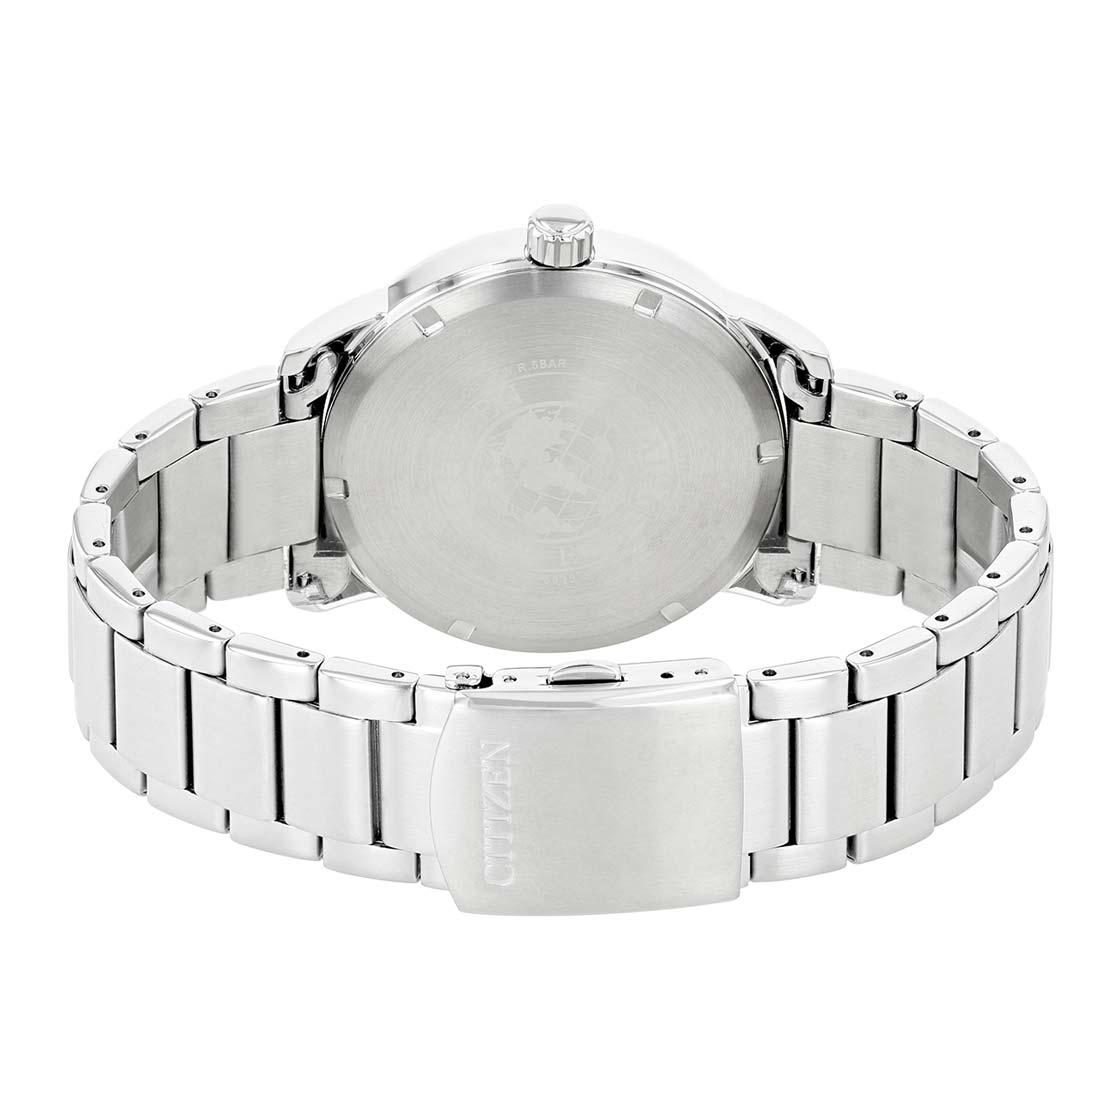 ساعت مچی عقربهای مردانه سیتی زن مدل AO9040-52L